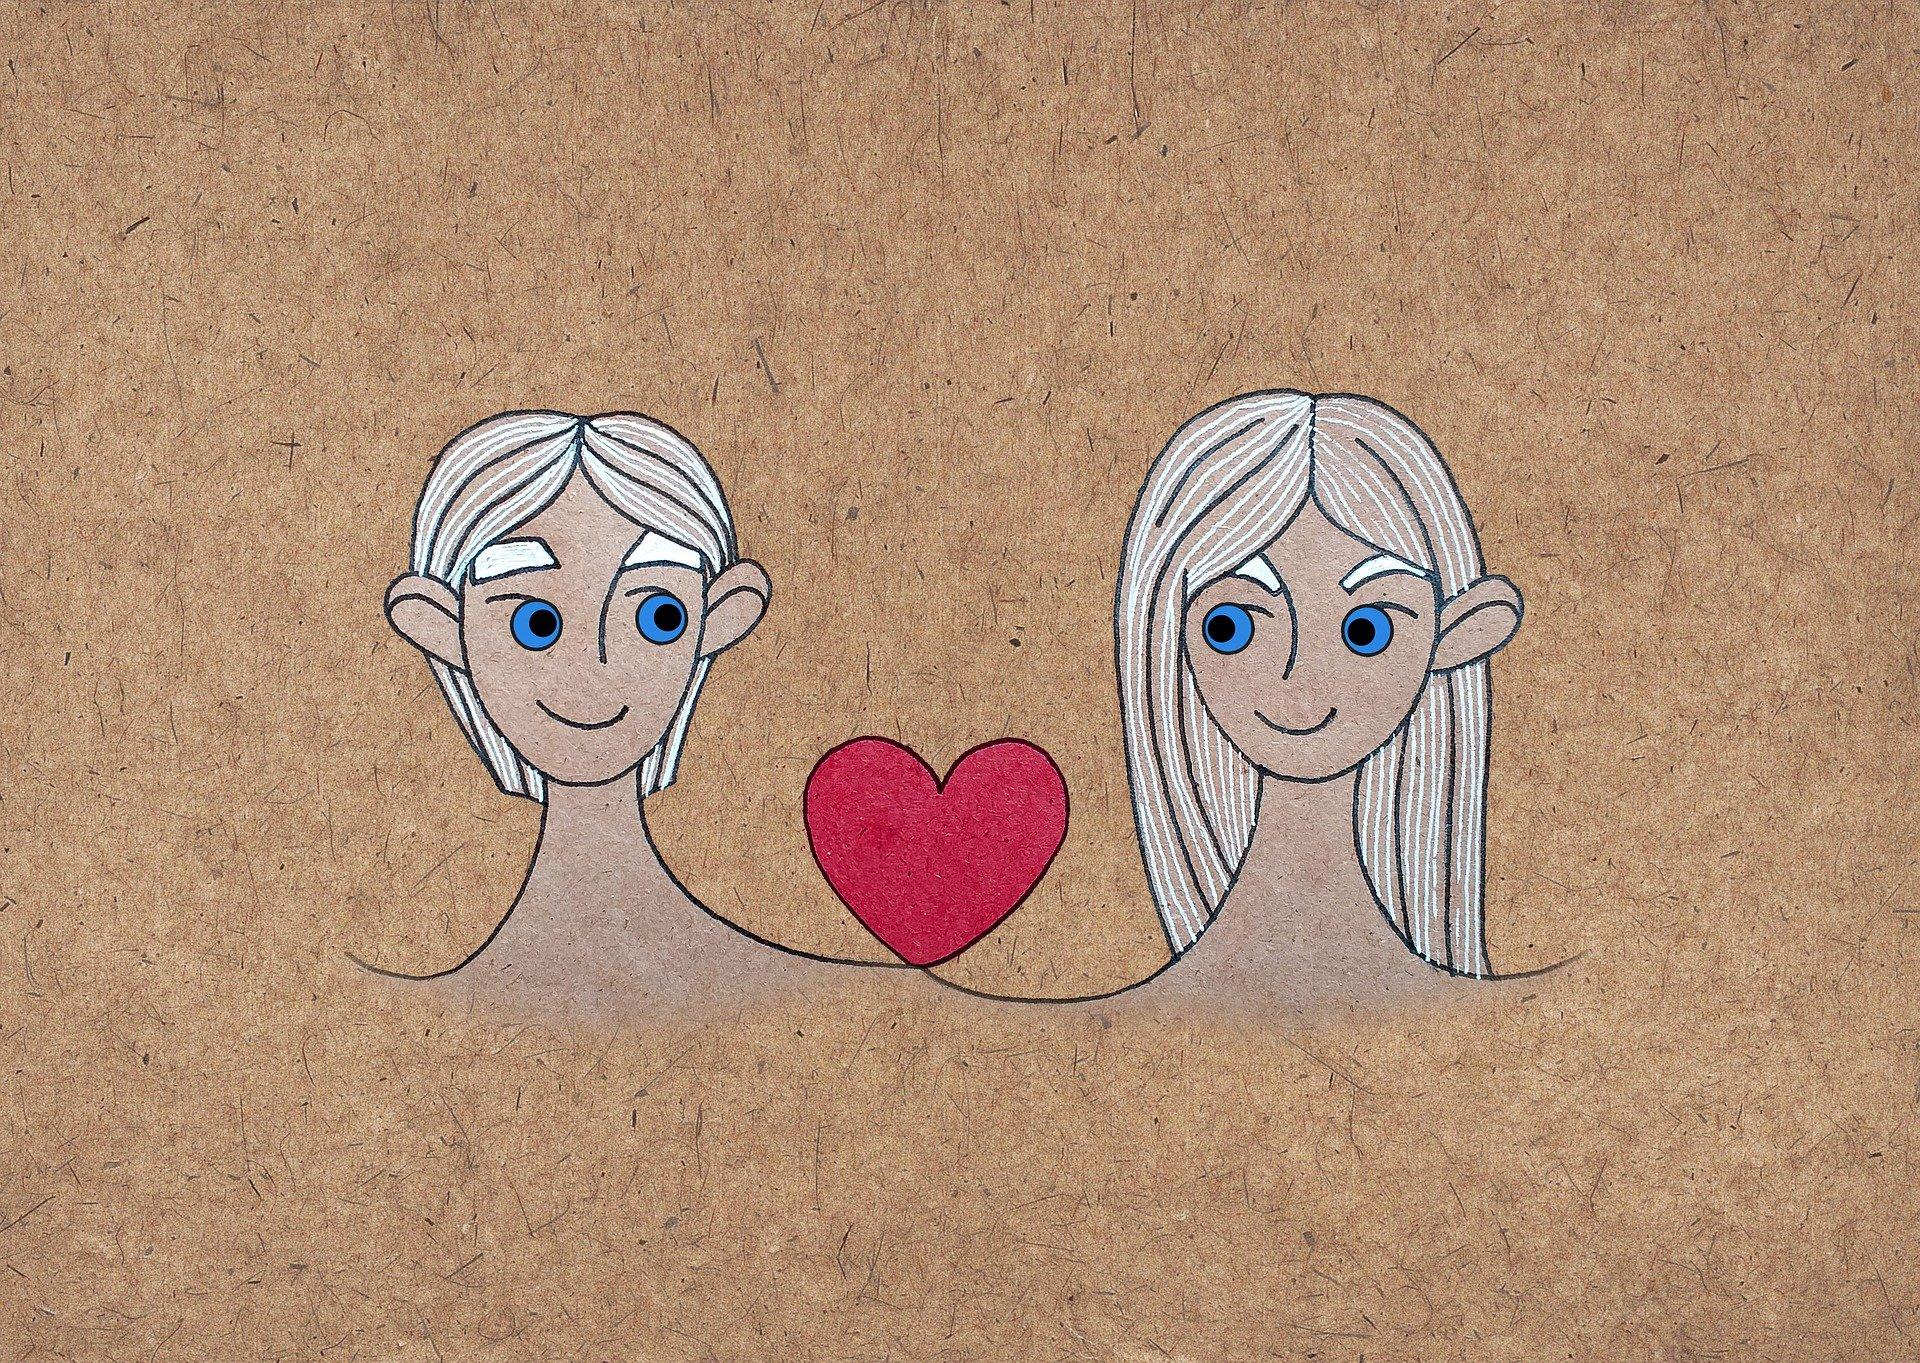 Comment exprimer l'amour qui comble et enrichit nos relations ?